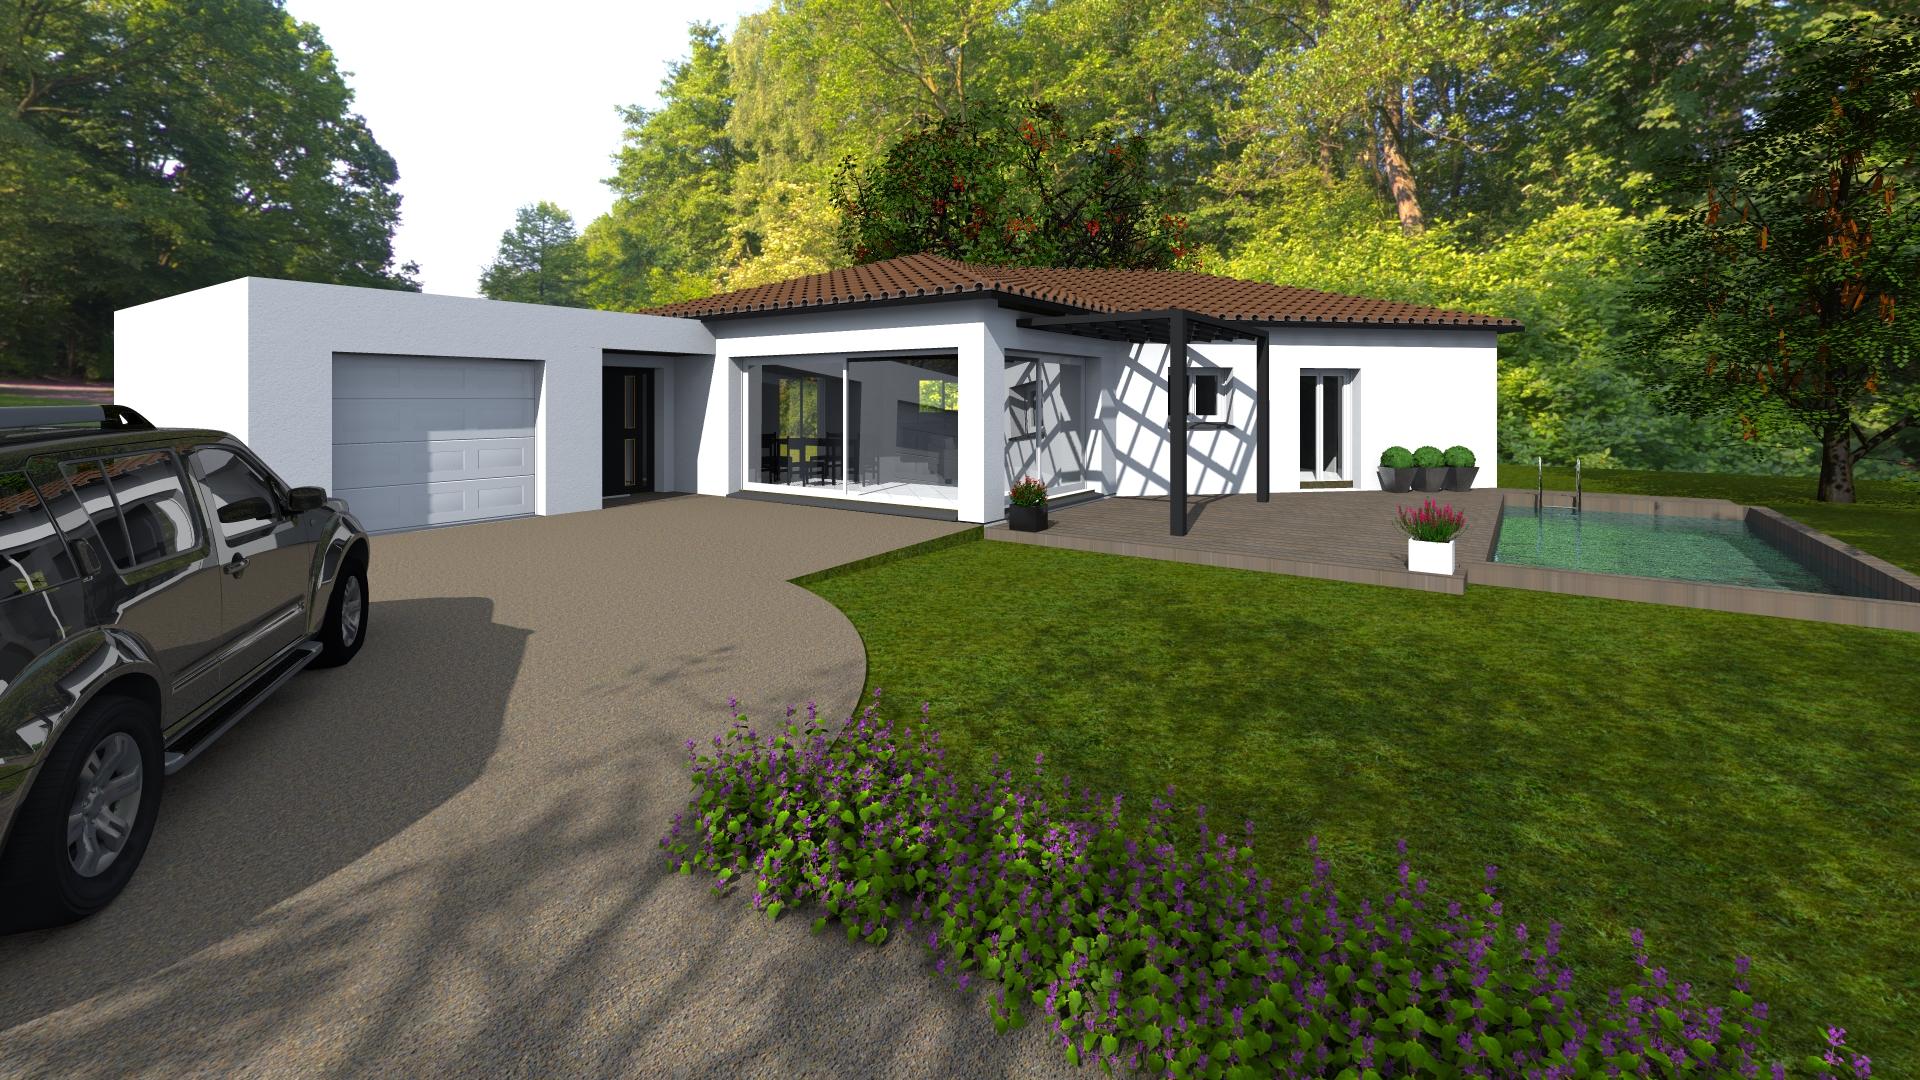 Maisons + Terrains du constructeur VILLAS SUD CREATION • 125 m² • GRENADE